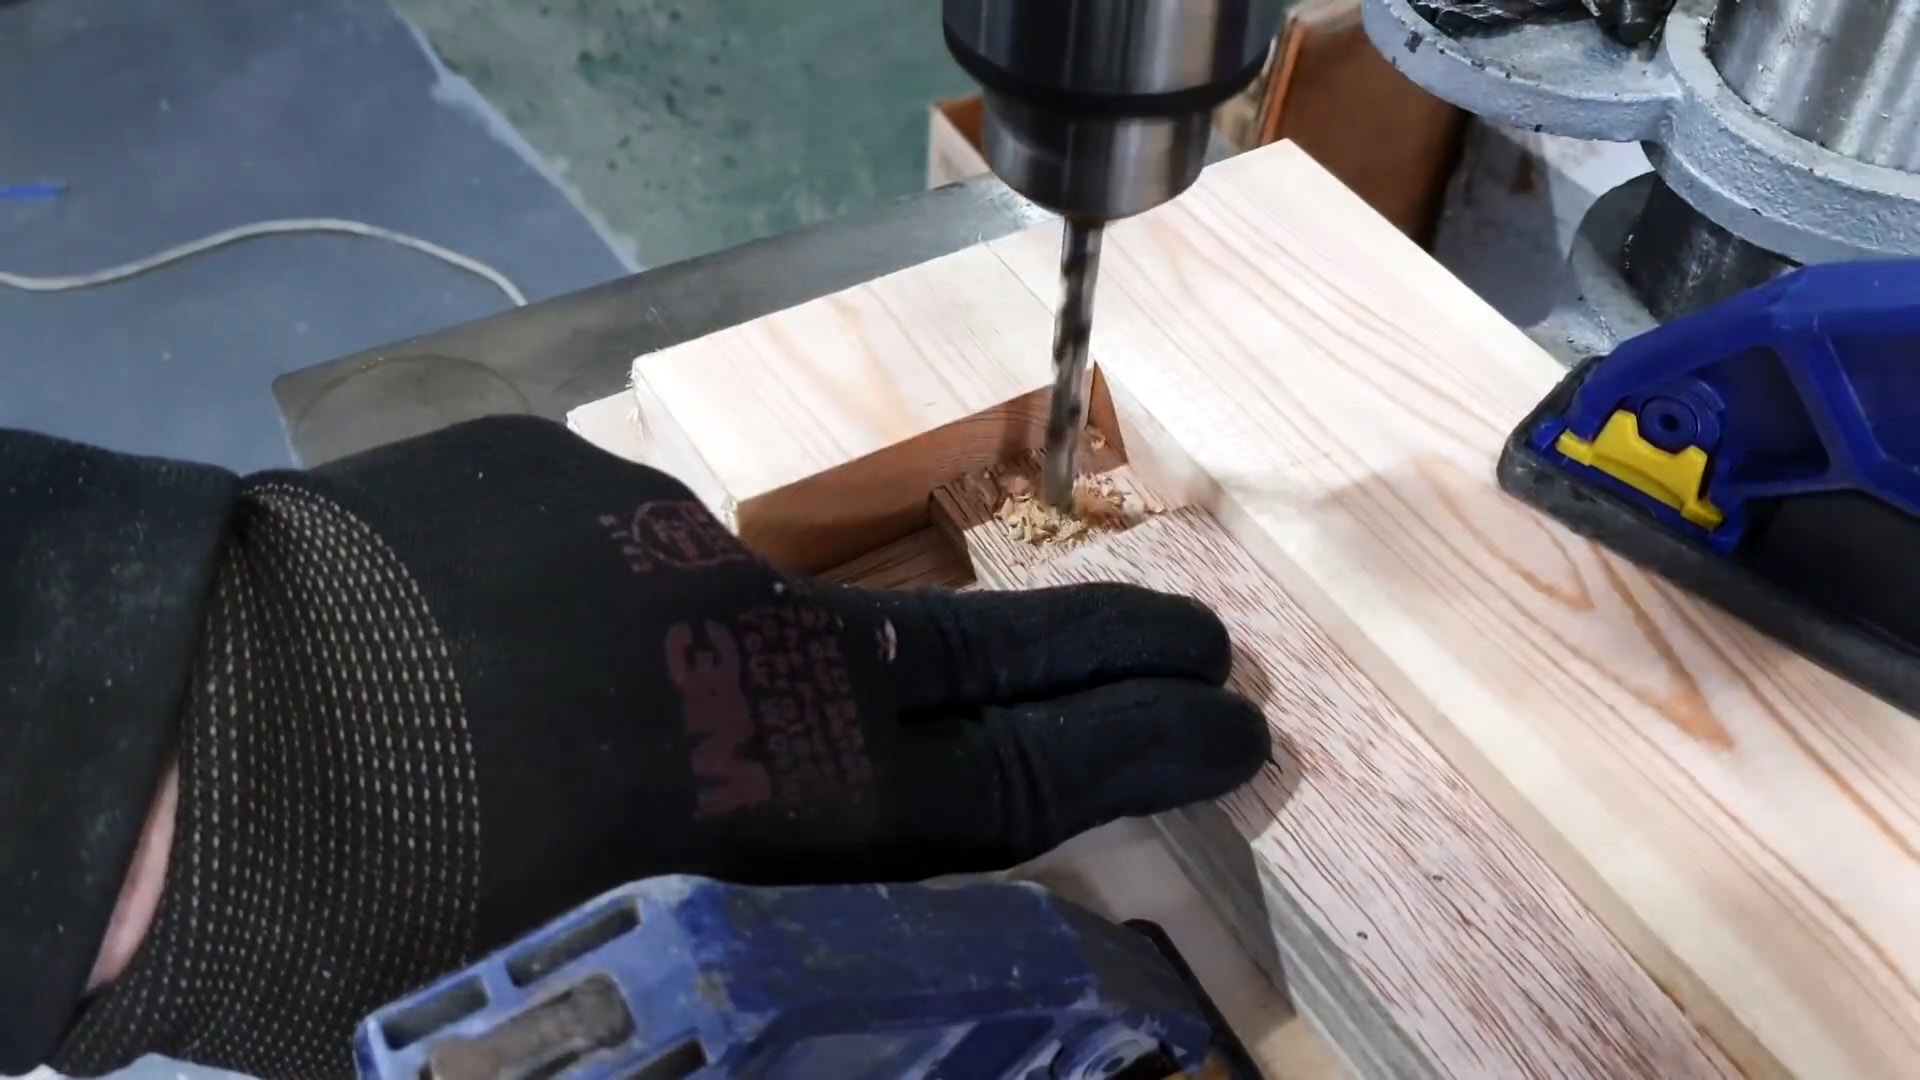 Как сделать зажим для быстрой сборки багетных рамок с приводом от шуруповерта